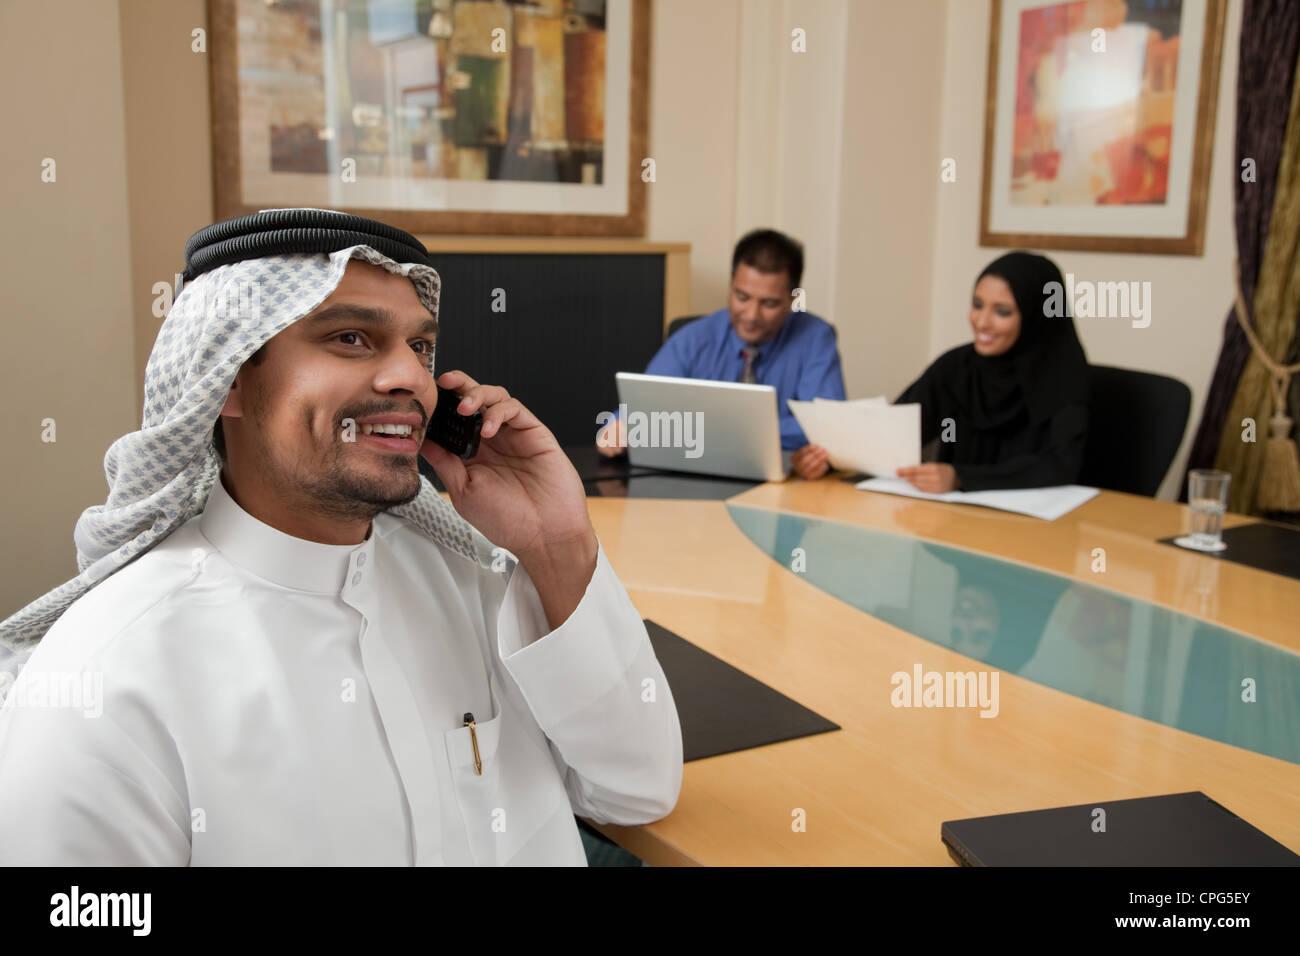 Businessman using mobile phone, deux collègues en arrière-plan. Banque D'Images